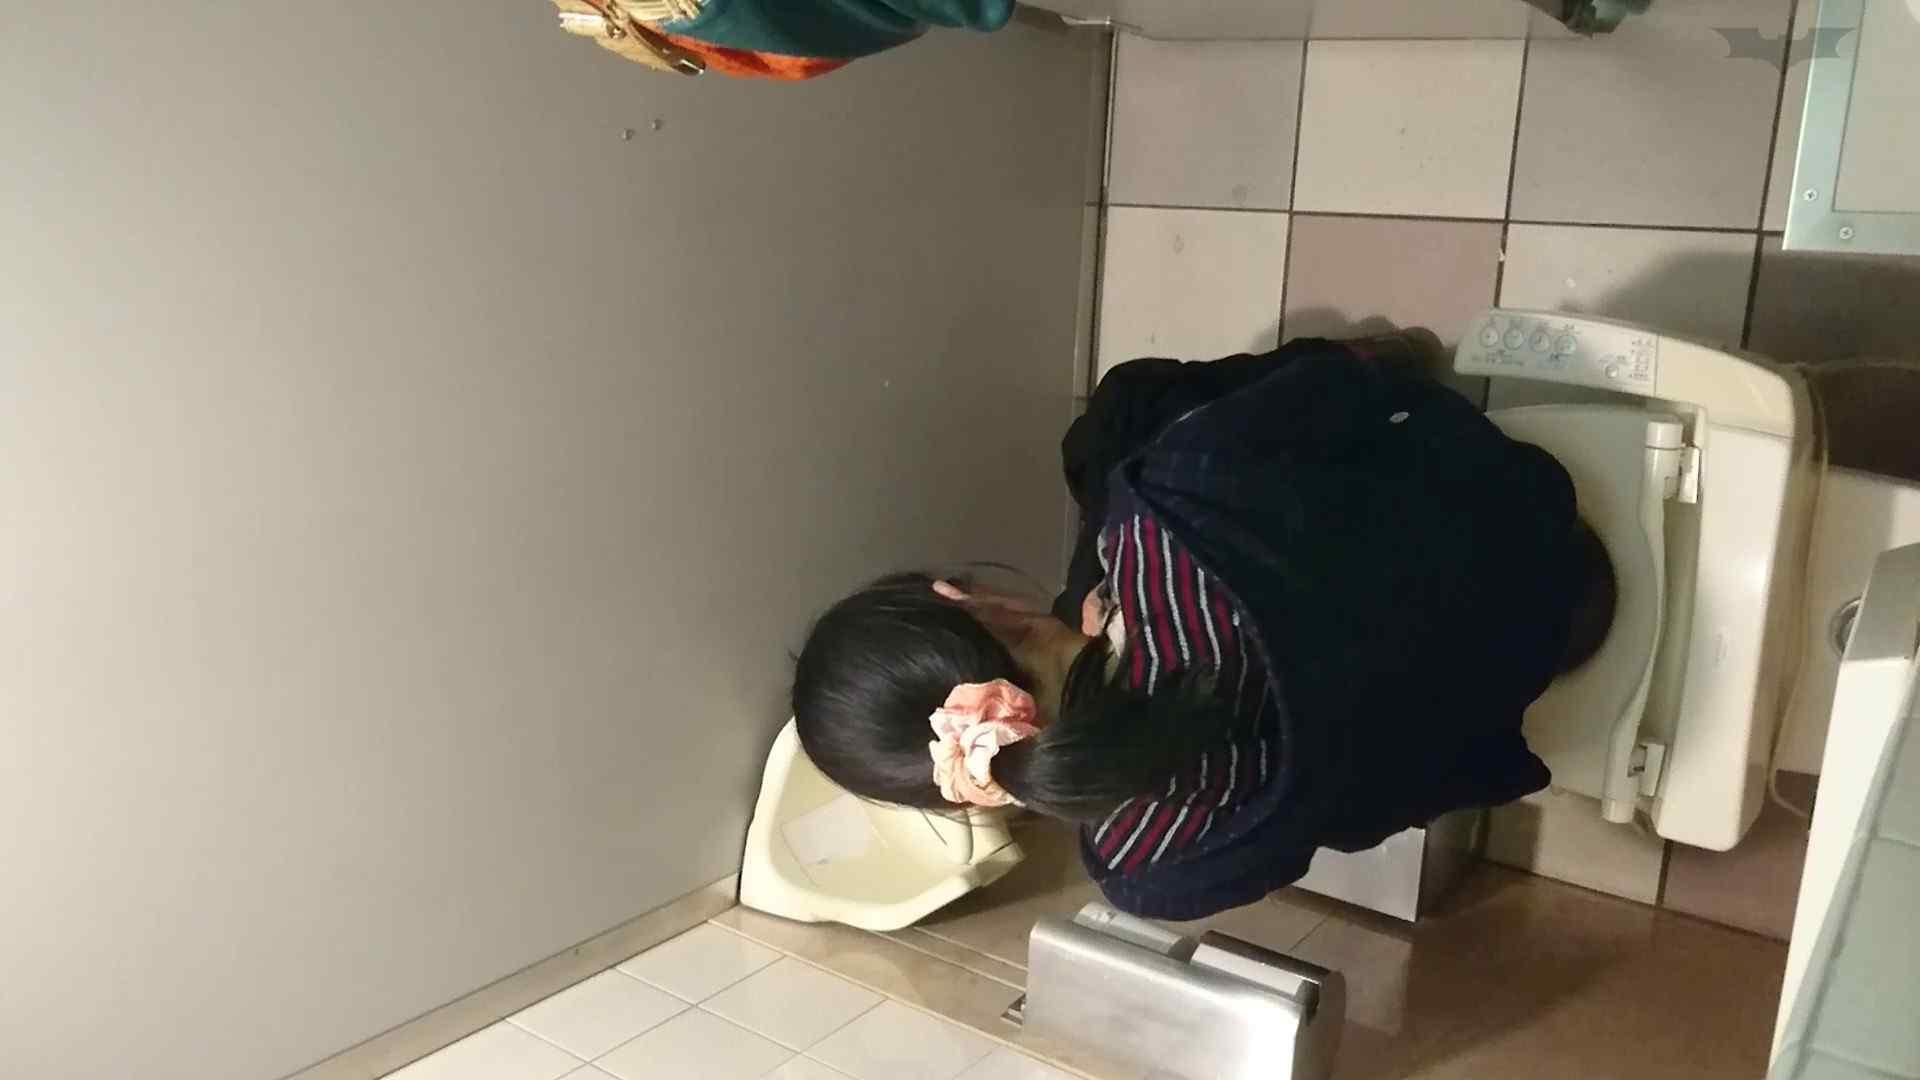 化粧室絵巻 ショッピングモール編 VOL.18 美肌  79PIX 36